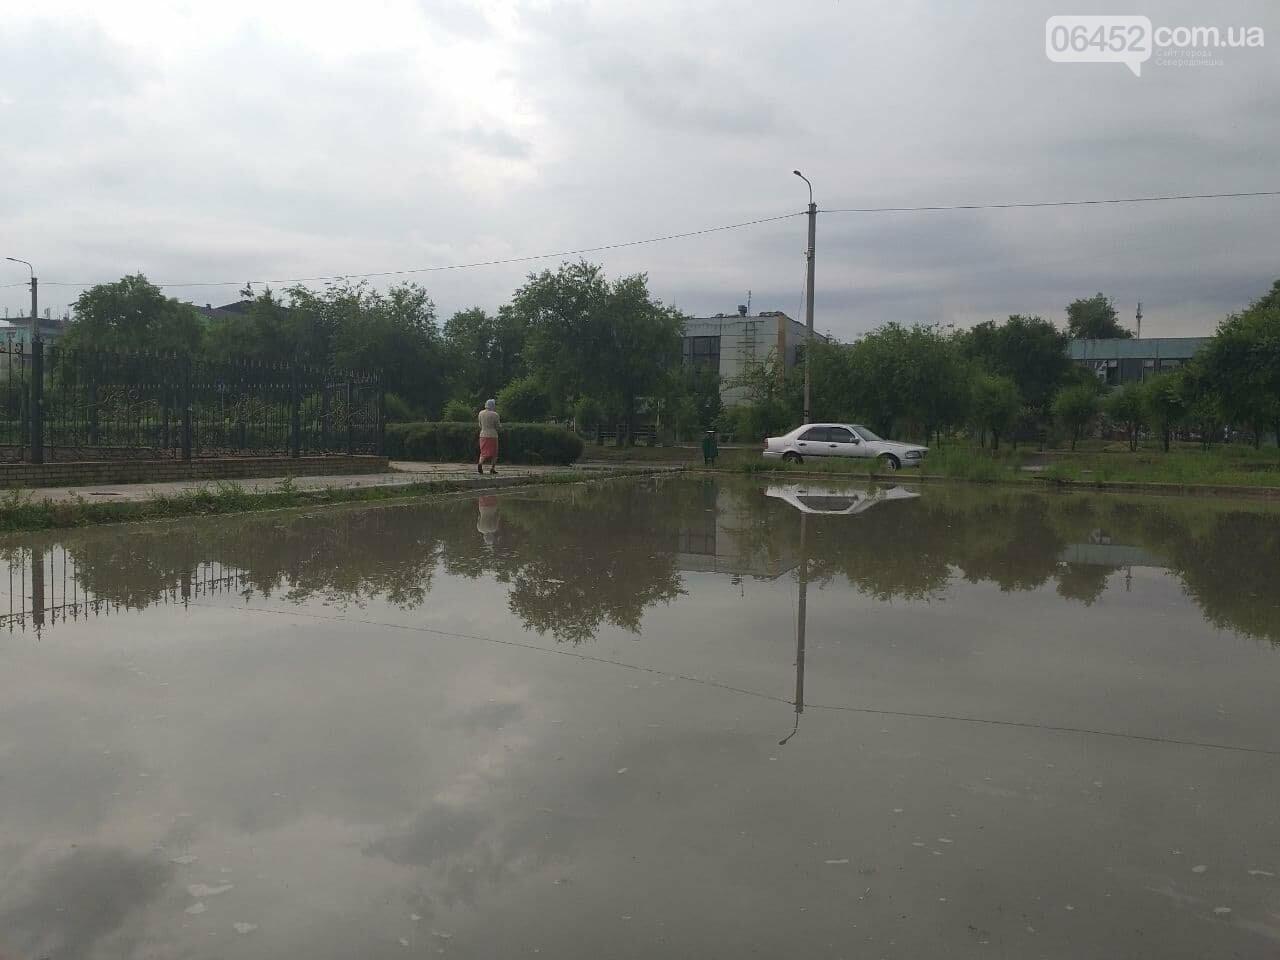 После дождика в четверг: мощный ливень обрушился на Северодонецк и оставил массу проблем, фото-20